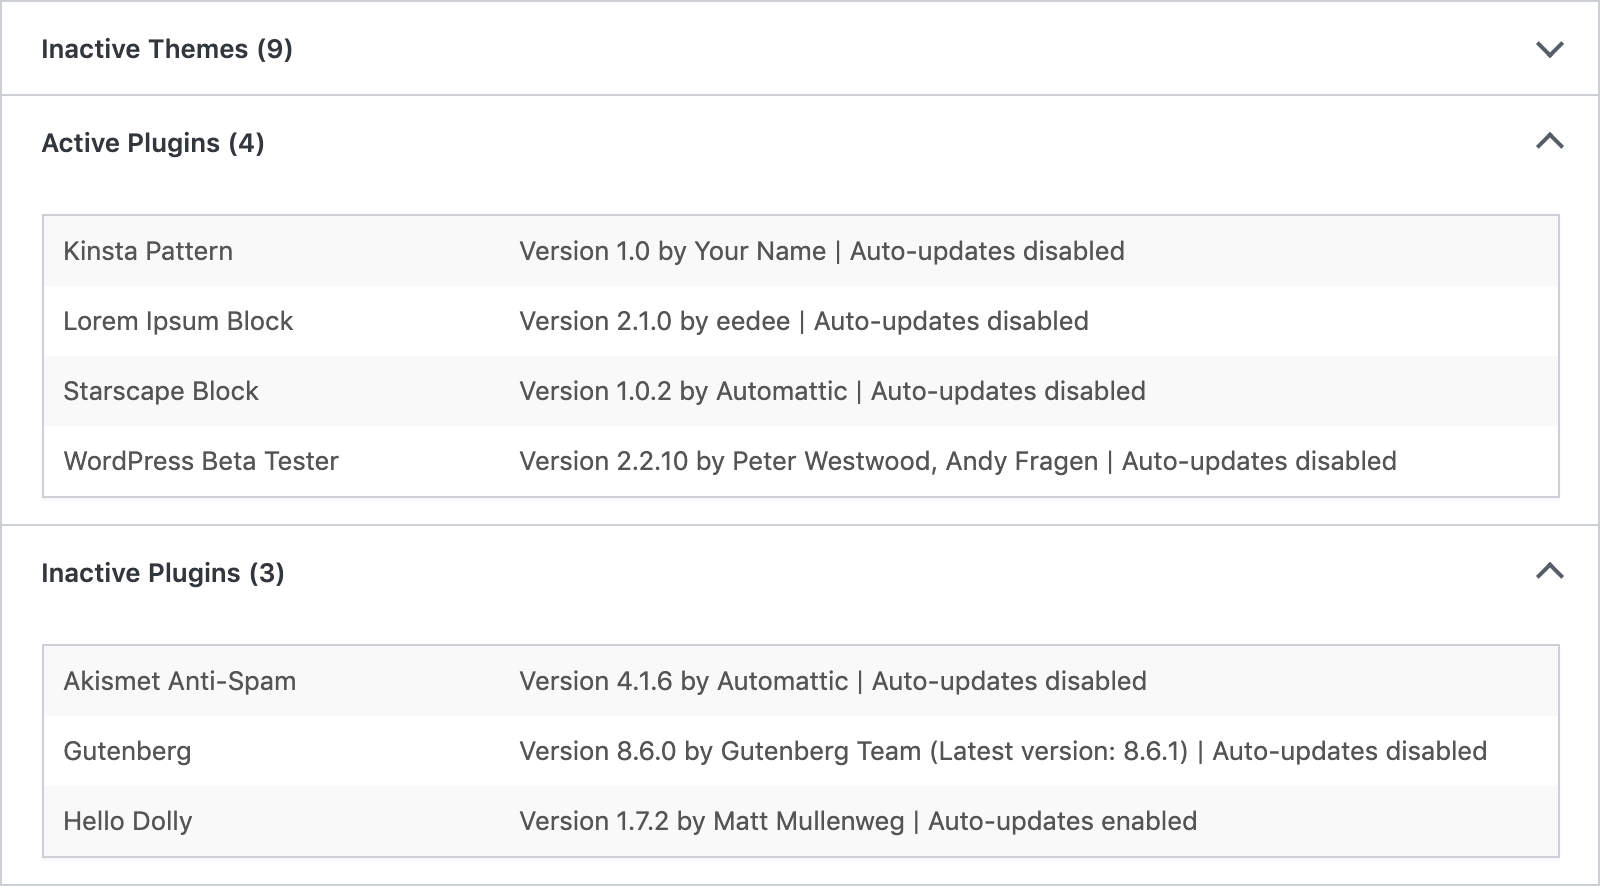 La pestaña de Información de Salud del sitio muestra el estado de actualización automática del plugin y del tema